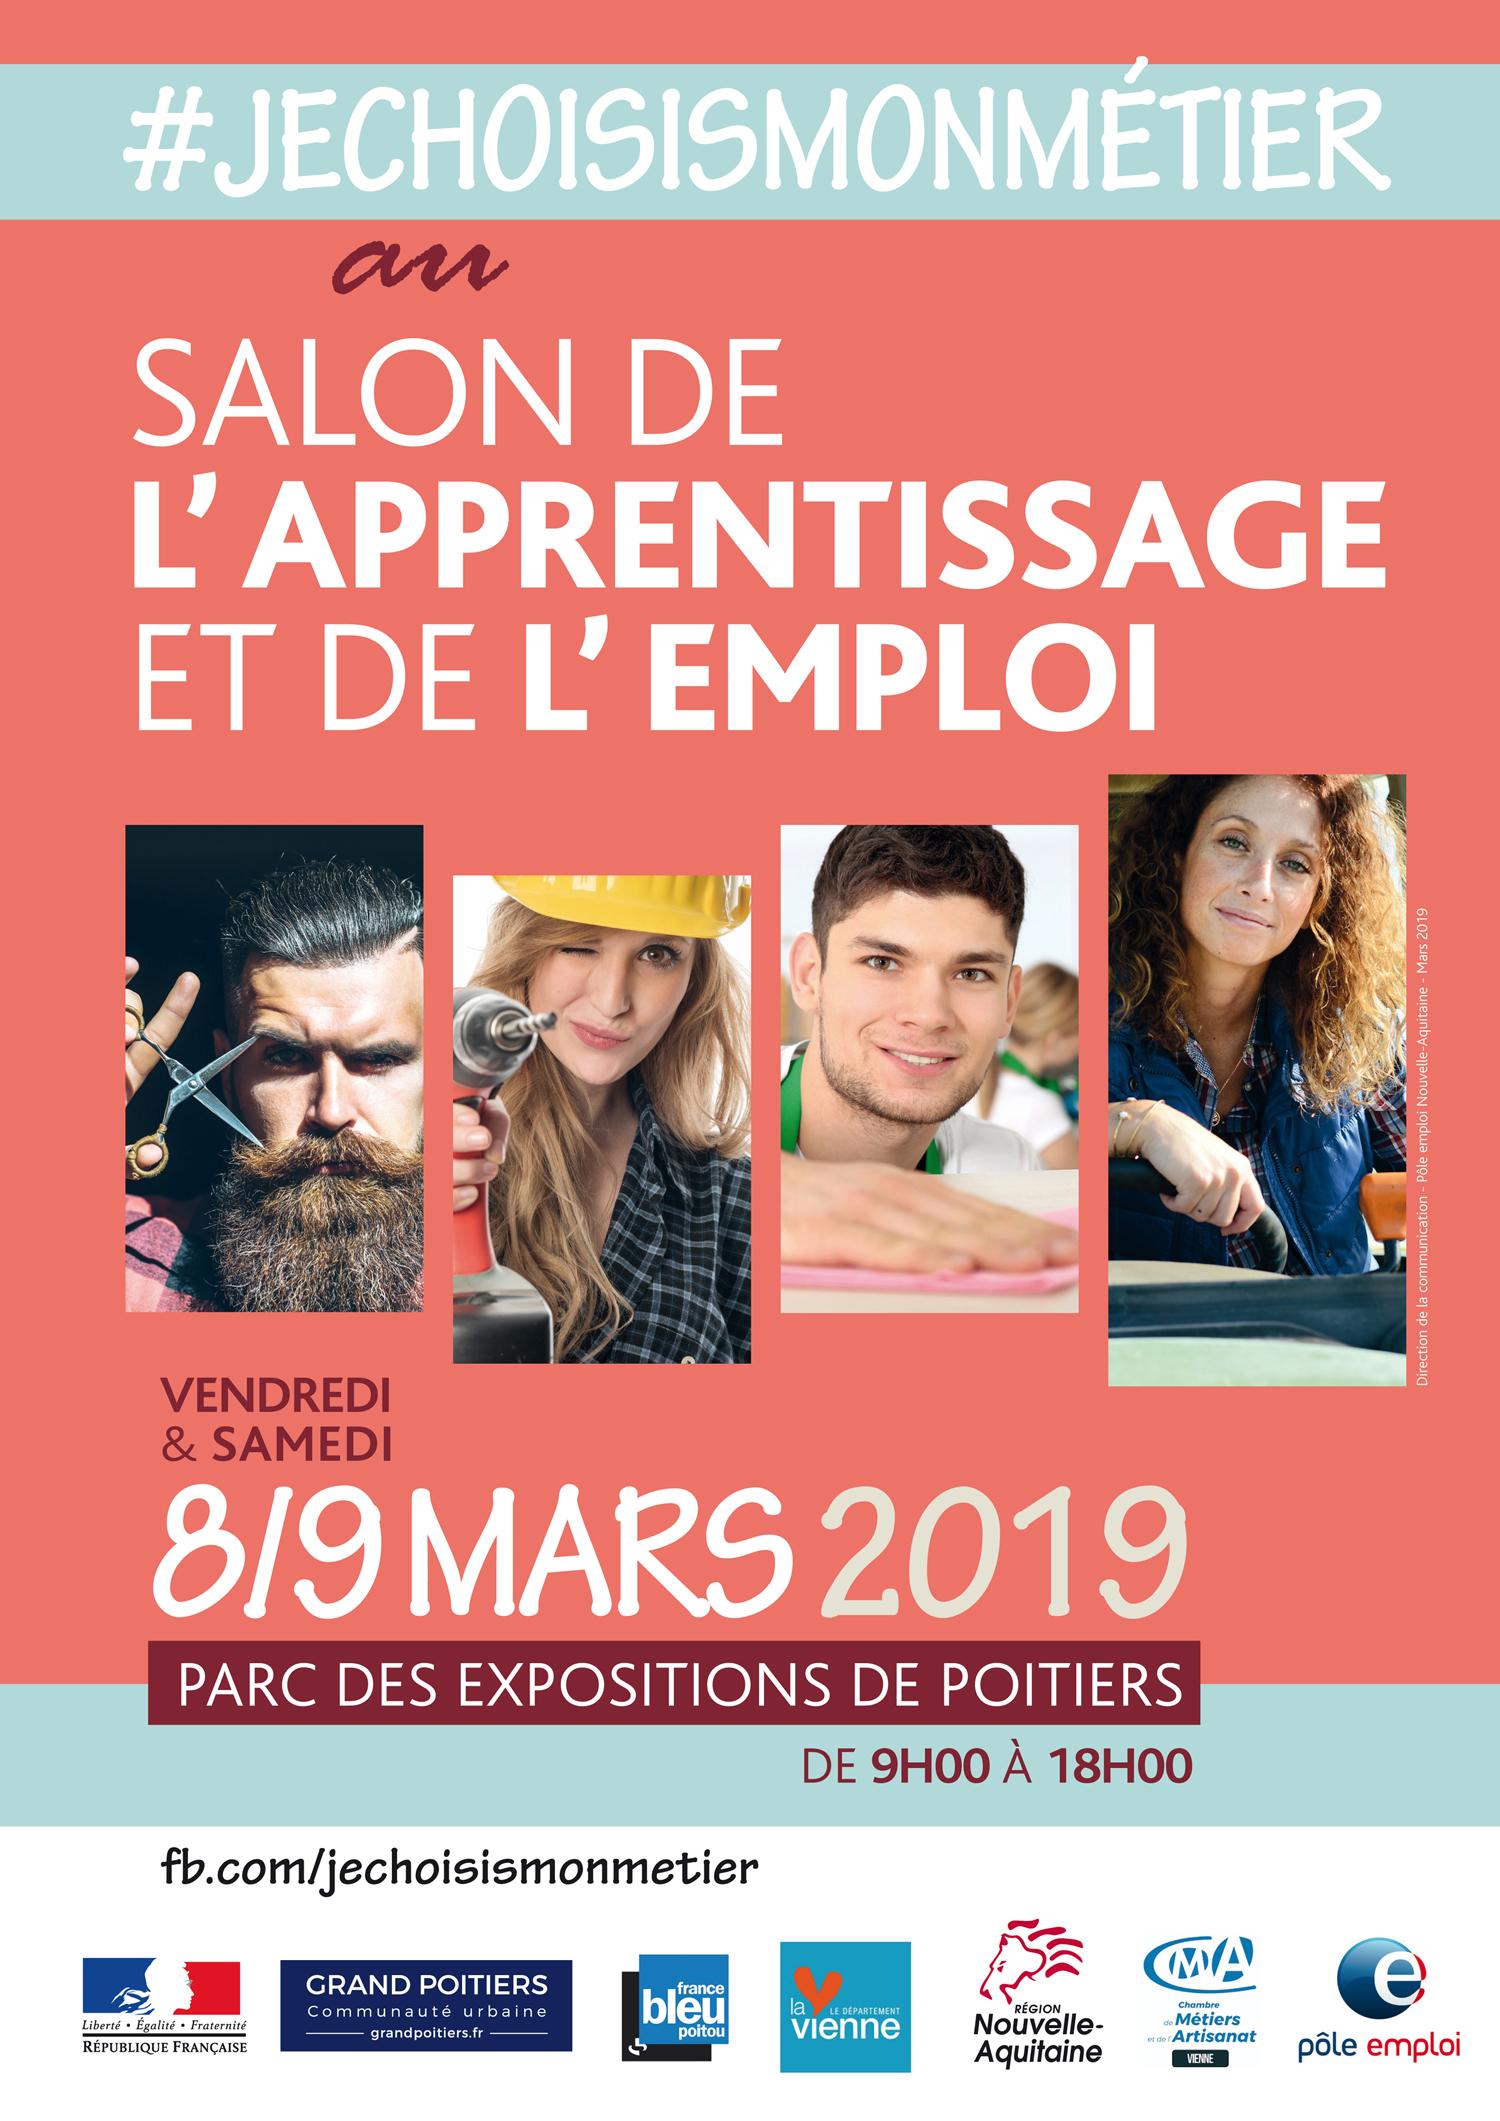 Salon de l'apprentissage et de l'emploi, les 8 et 9 mars à Poitiers